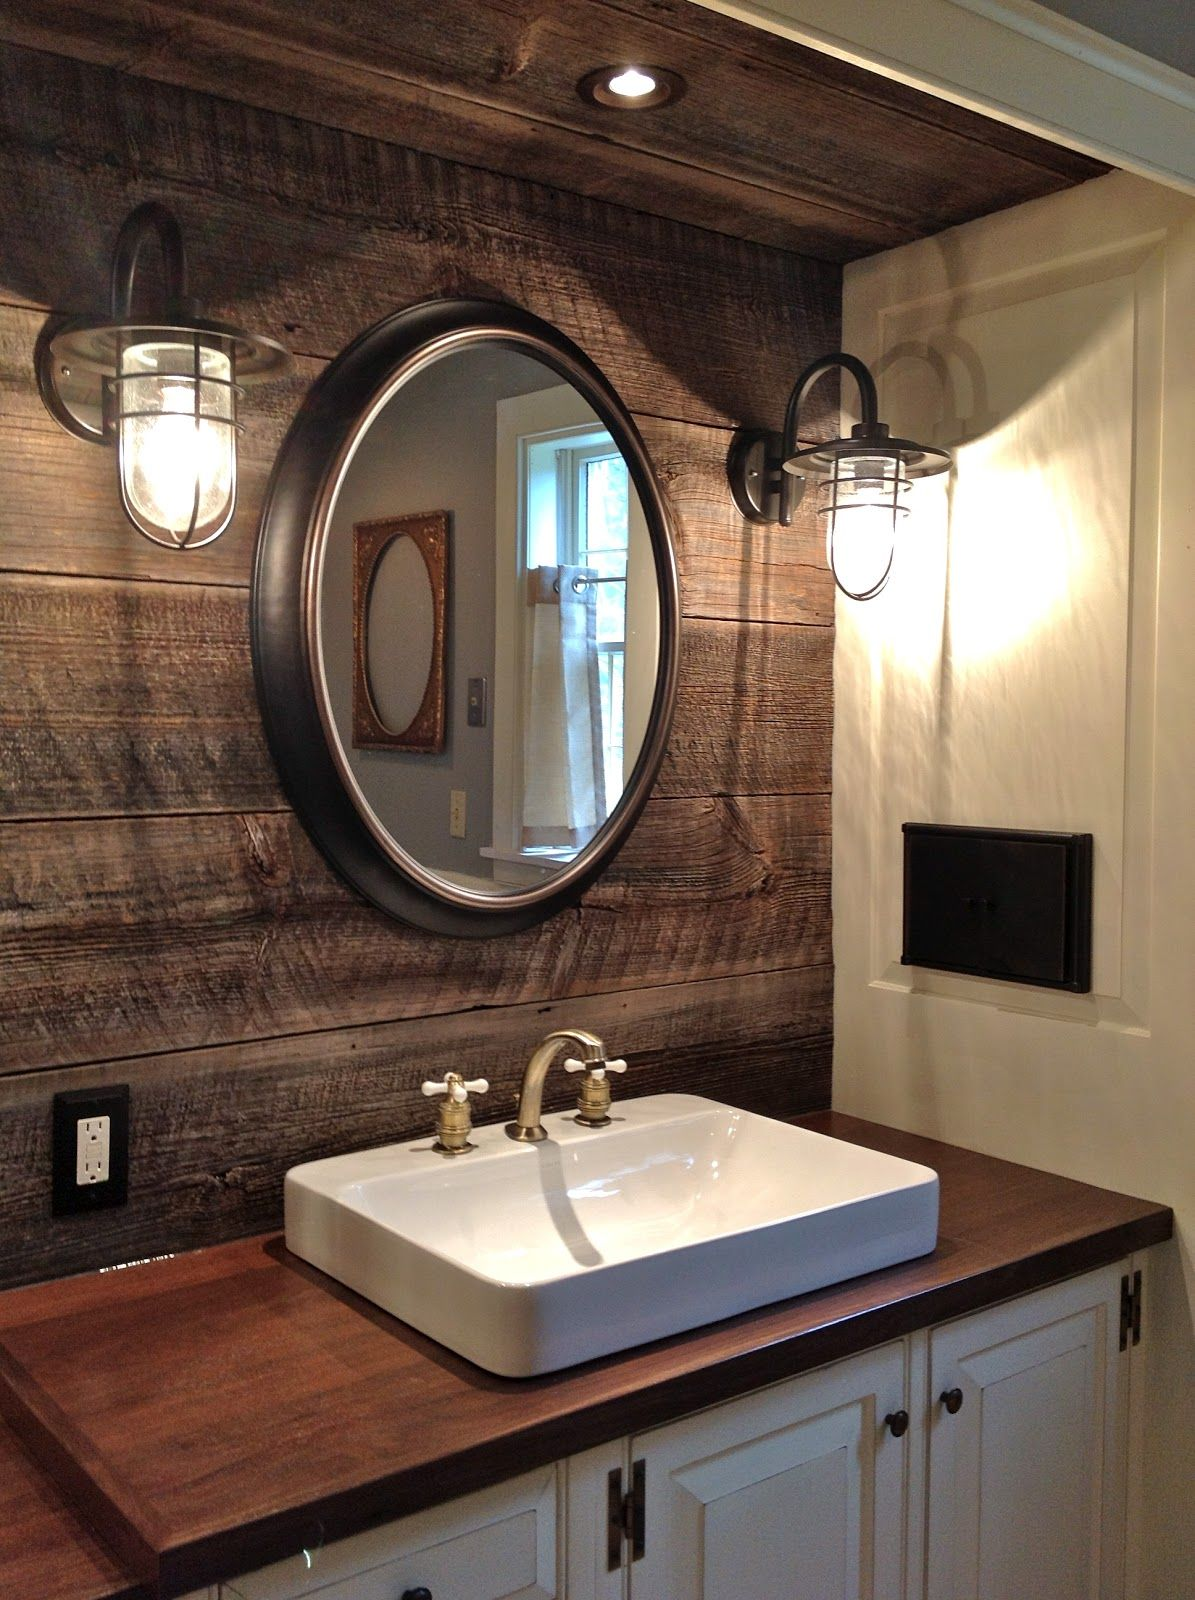 Farmhouse Bathroom Remodel Done! Farmhouse bathroom